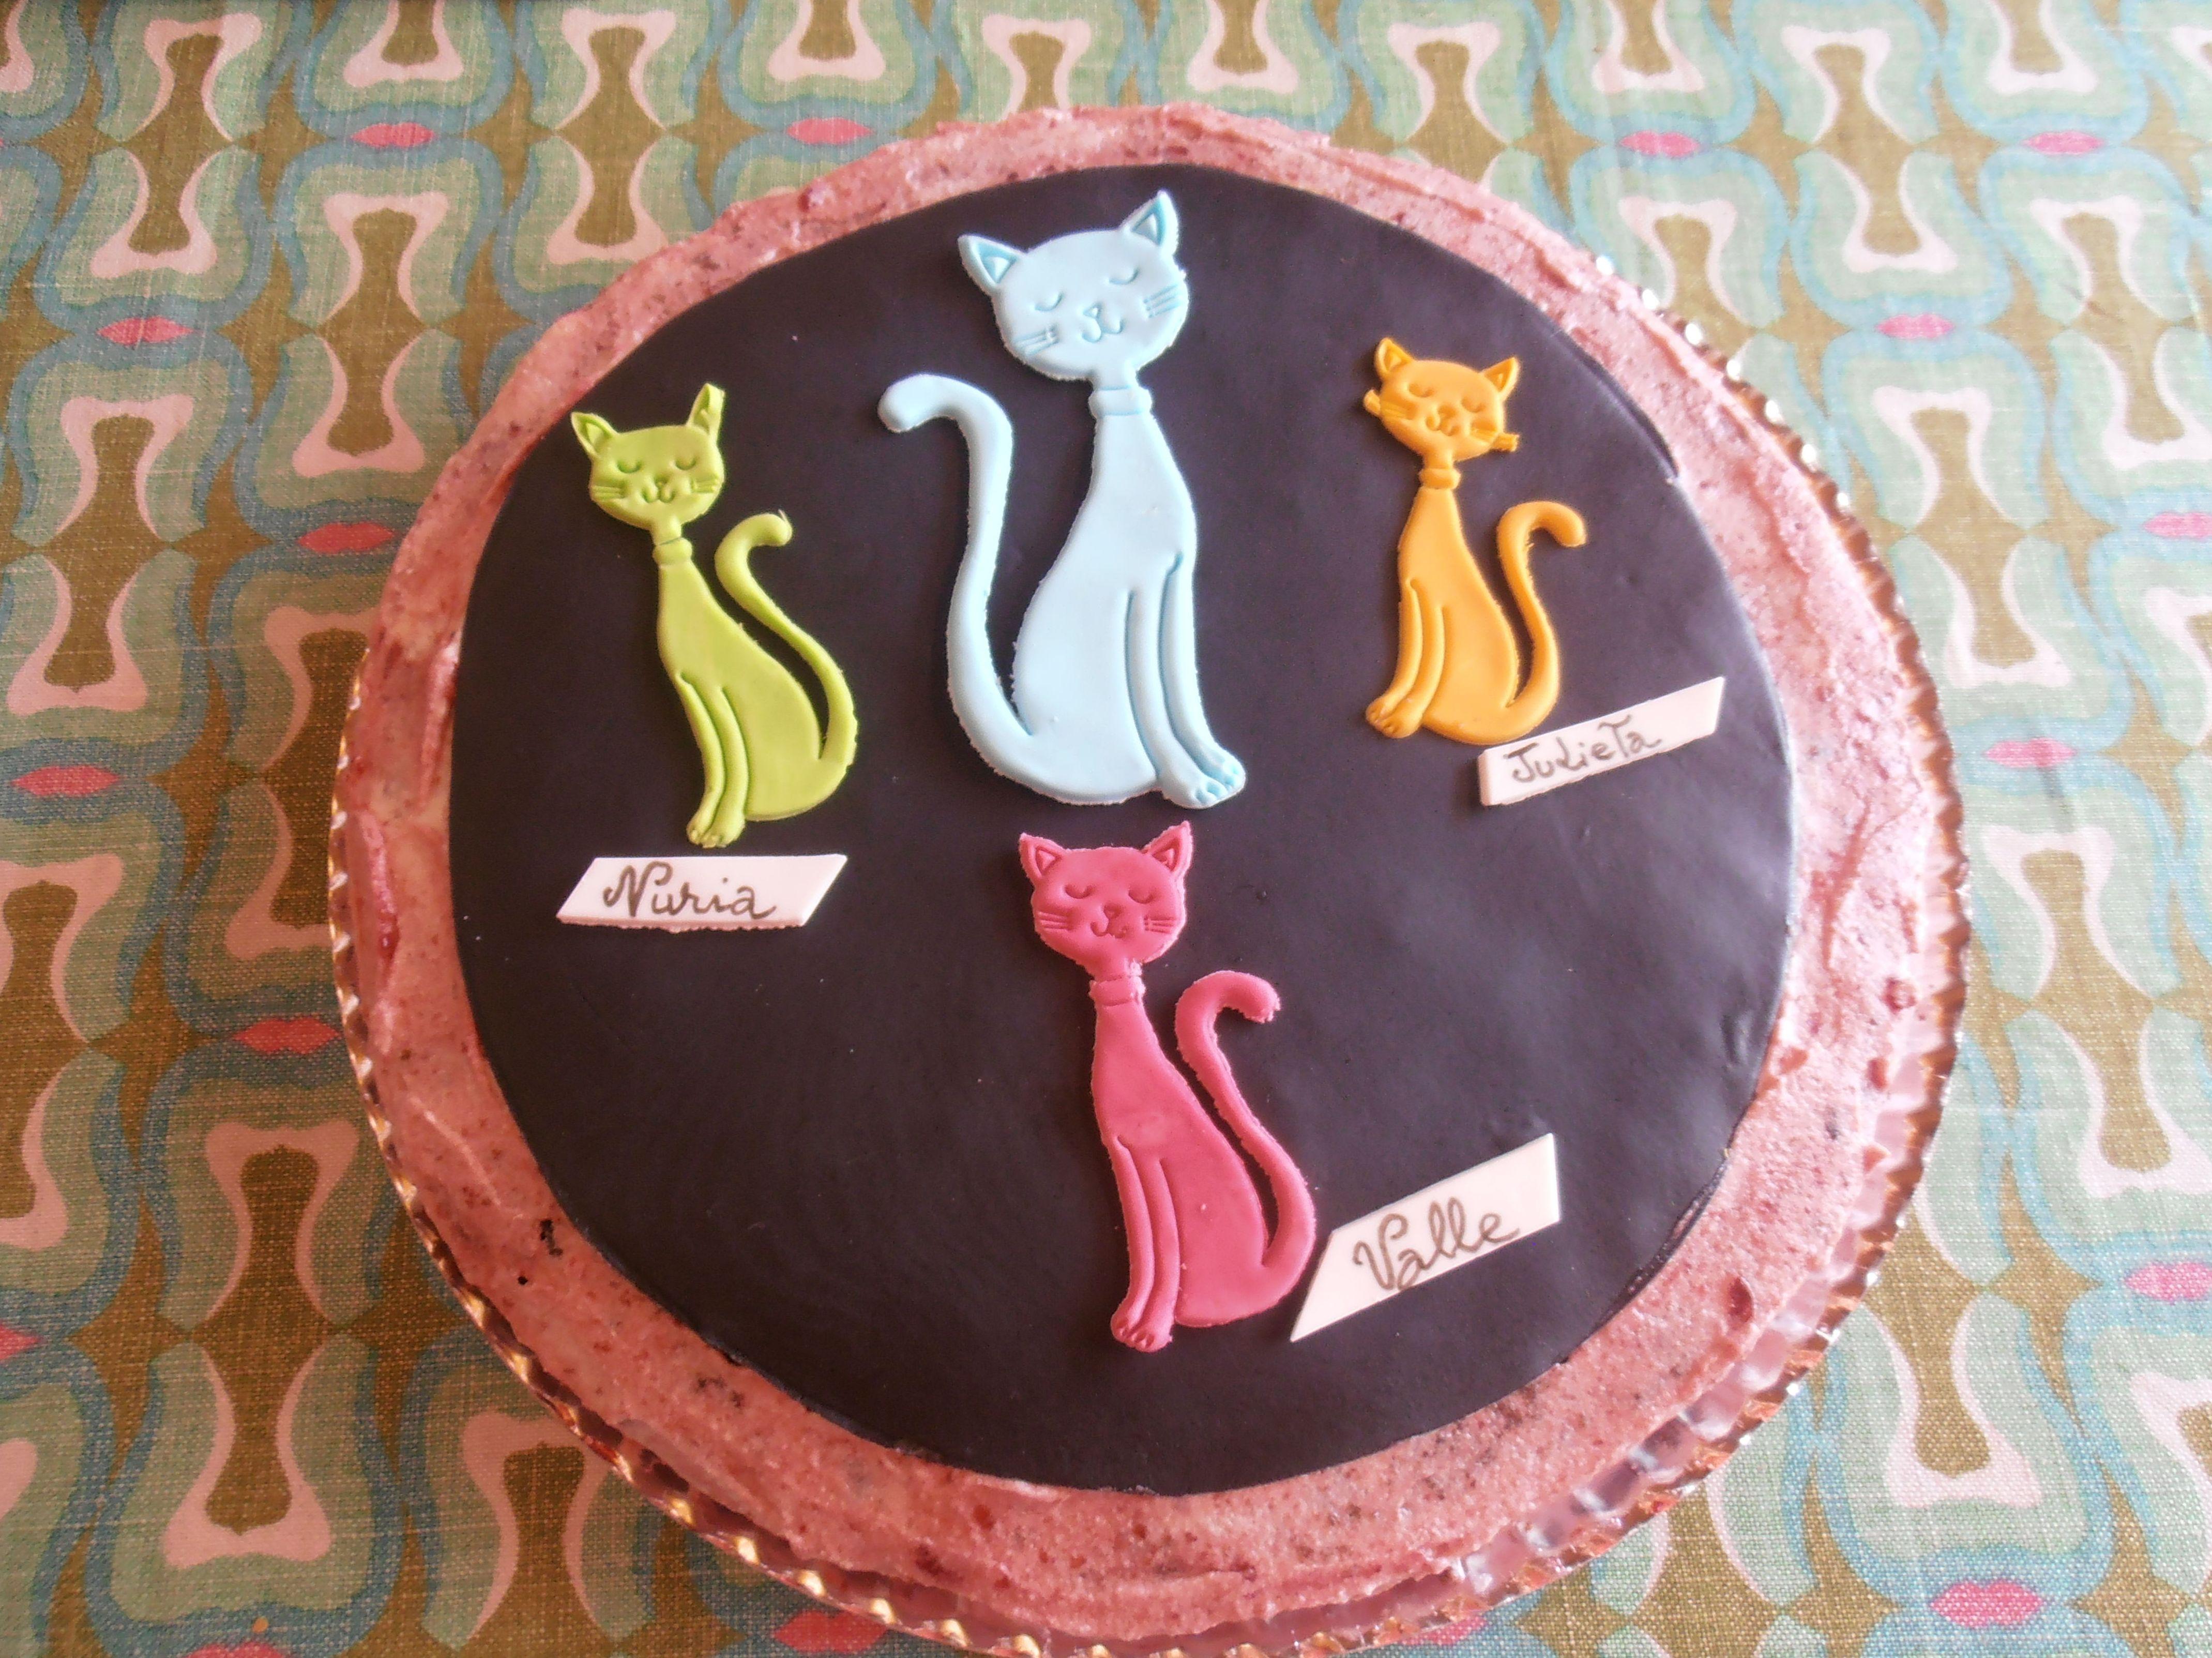 Tartas creativas con gatitos